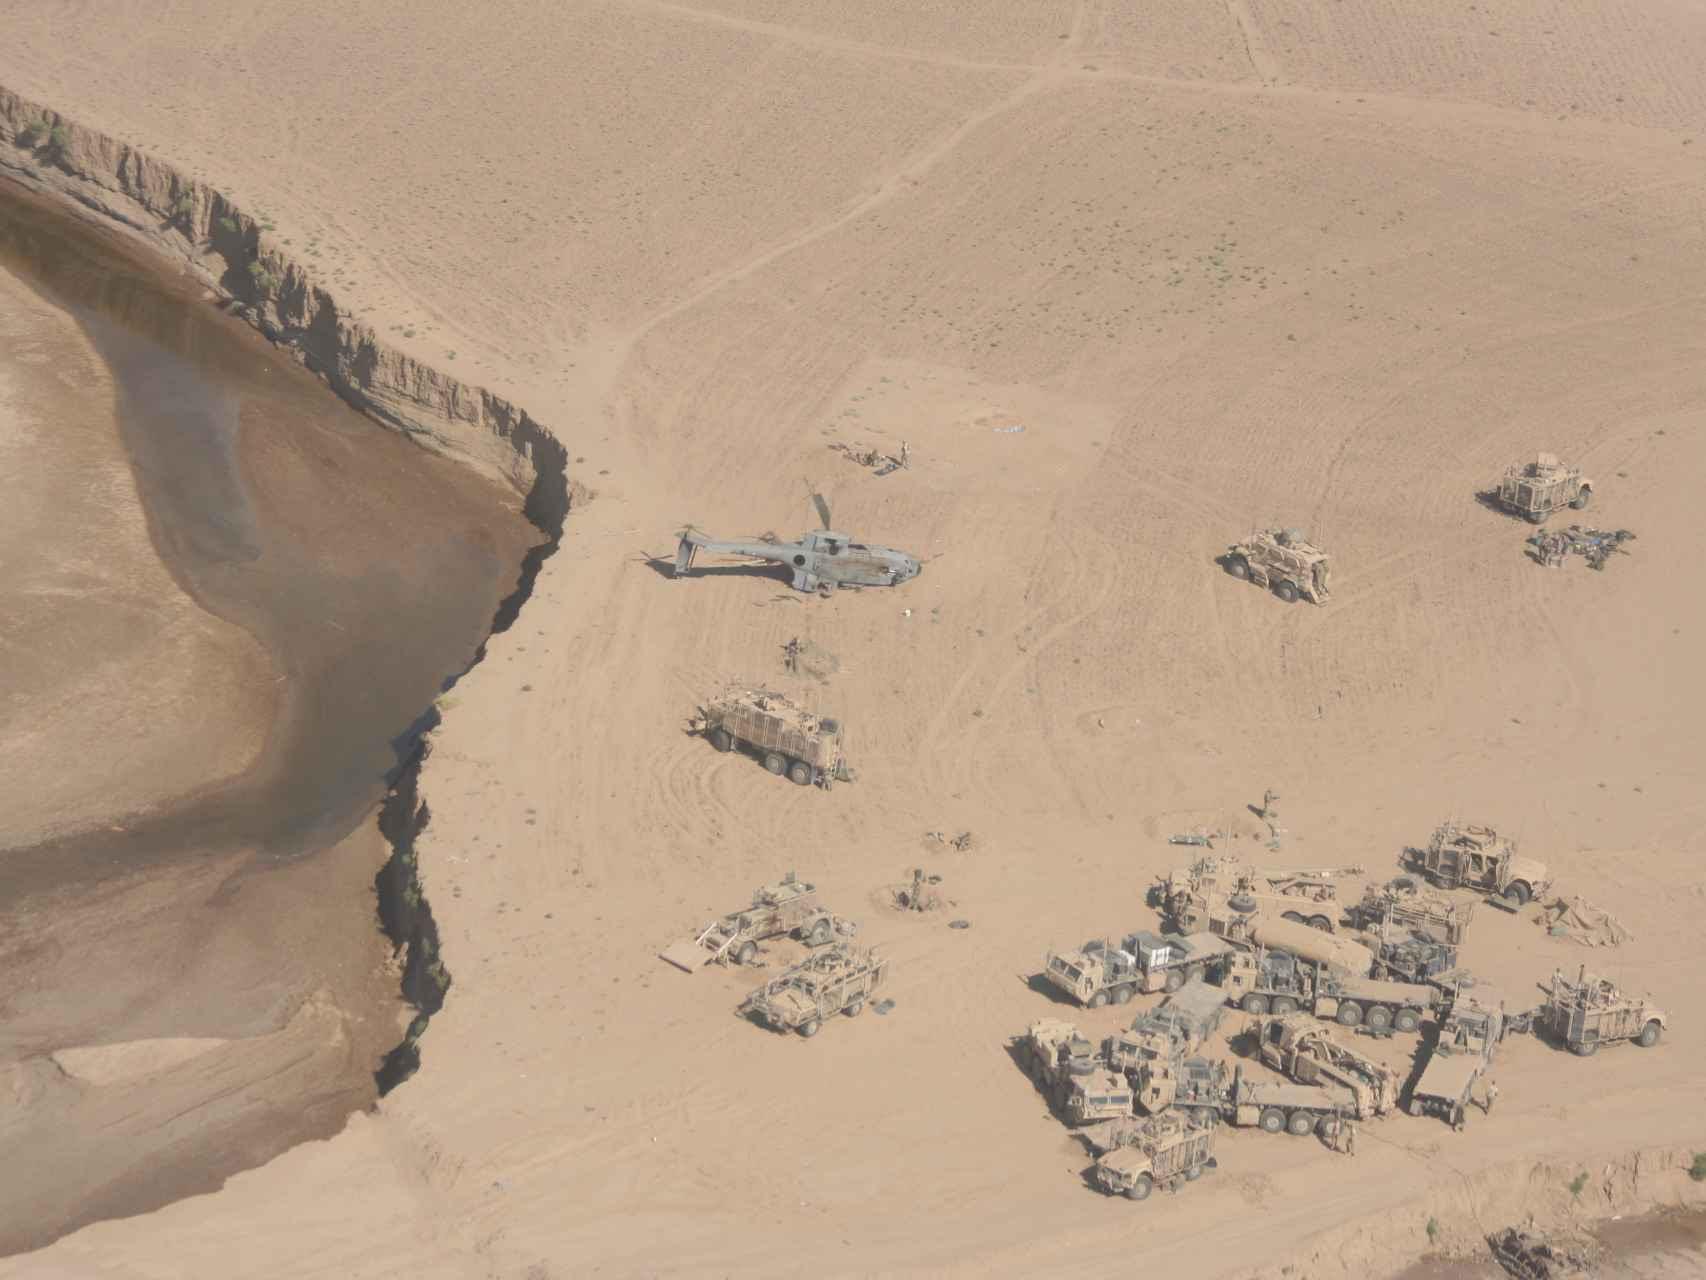 Vista panorámica del lugar en el que cayó el helicóptero, junto al convoy estadounidense.